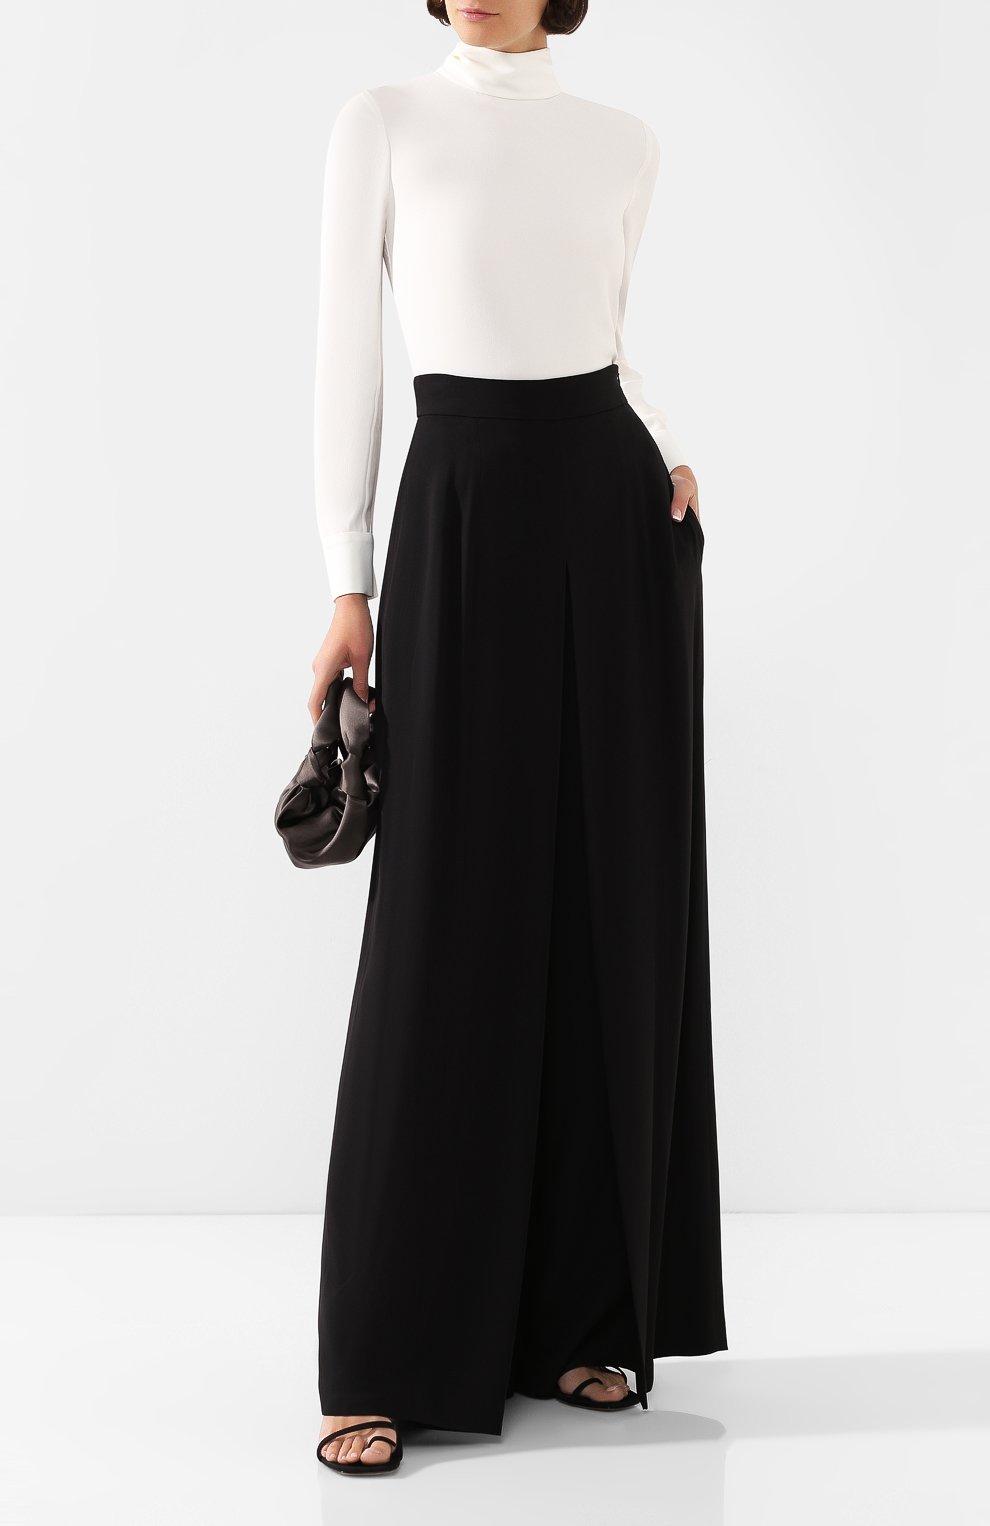 Женская блузка ADAM LIPPES белого цвета, арт. R20117SB   Фото 2 (Рукава: Длинные; Принт: Без принта; Материал внешний: Синтетический материал; Длина (для топов): Стандартные; Стили: Классический; Силуэт Ж (для верхов): Приталенный; Женское Кросс-КТ: Блуза-одежда; Статус проверки: Проверена категория)